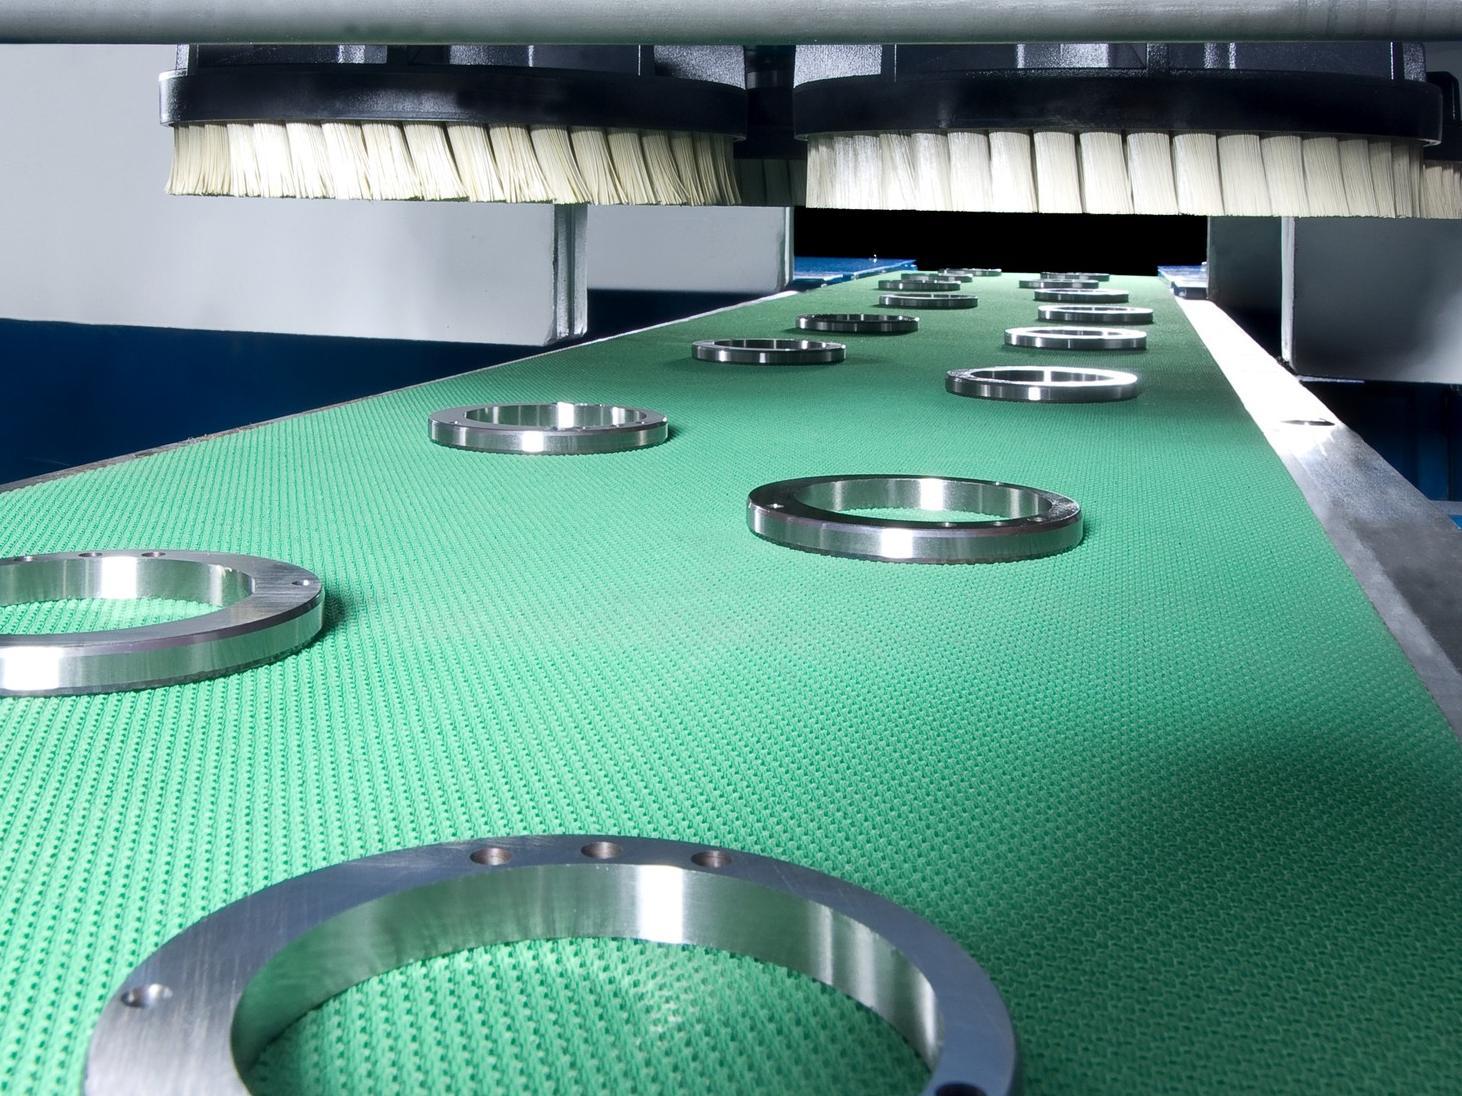 Deutlich erhöhte Anforderungen an die Qualität von Blechbauteilen machen das Entgraten zu unverzichtbaren Fertigungsschritten. Die maschinelle Bearbeitung sichert die Reproduzierbarkeit der Ergebnisse.